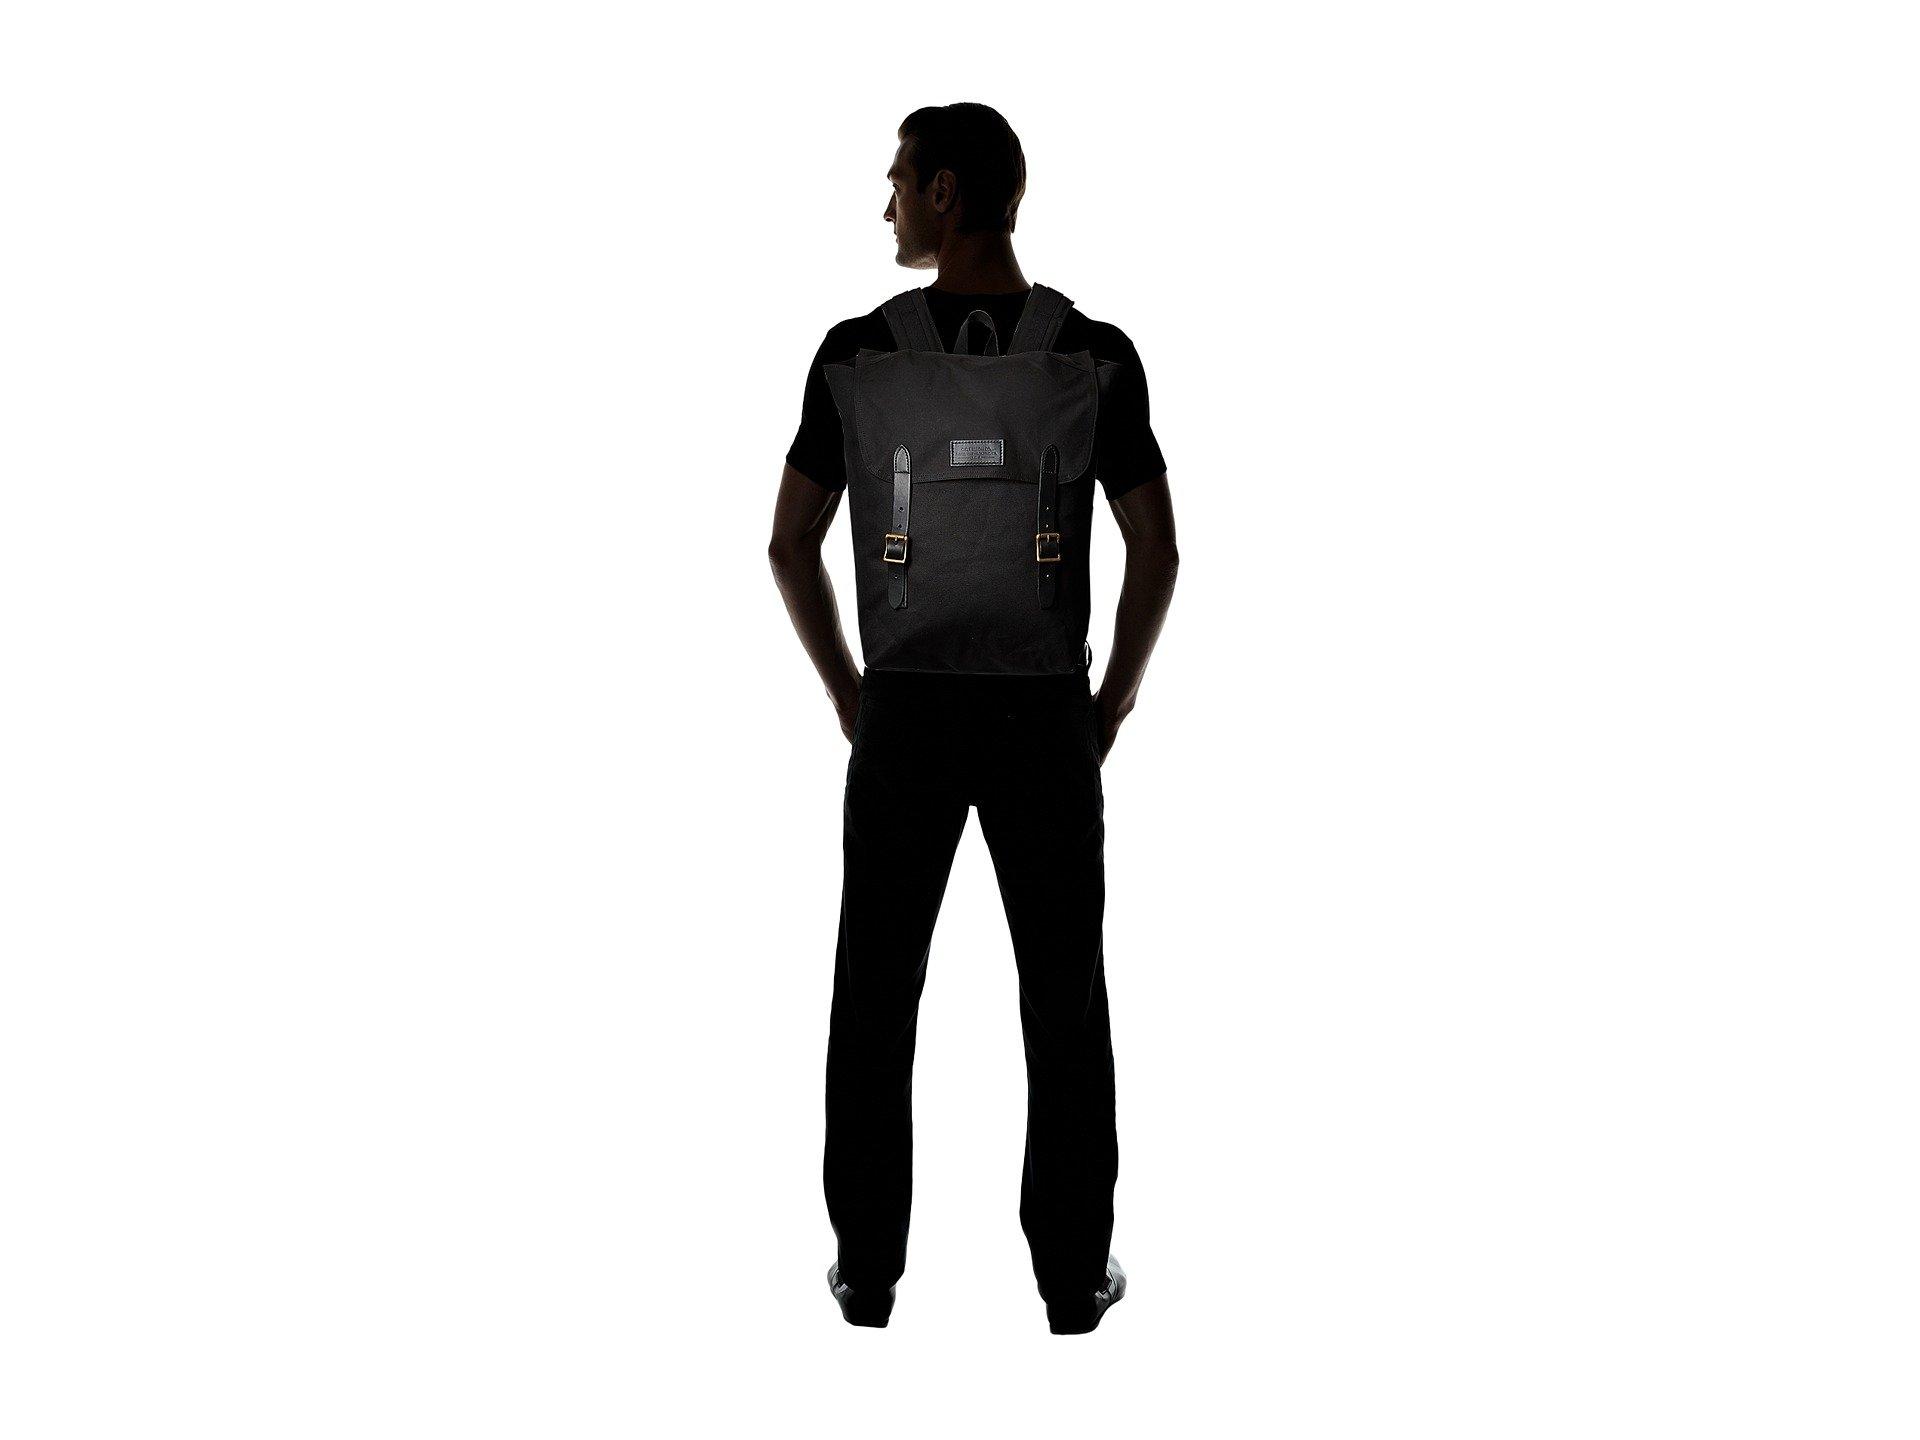 Filson Ranger Black Filson Black Black Backpack Ranger Backpack Filson Backpack Black Ranger Backpack Ranger Filson UUqfn4rFw